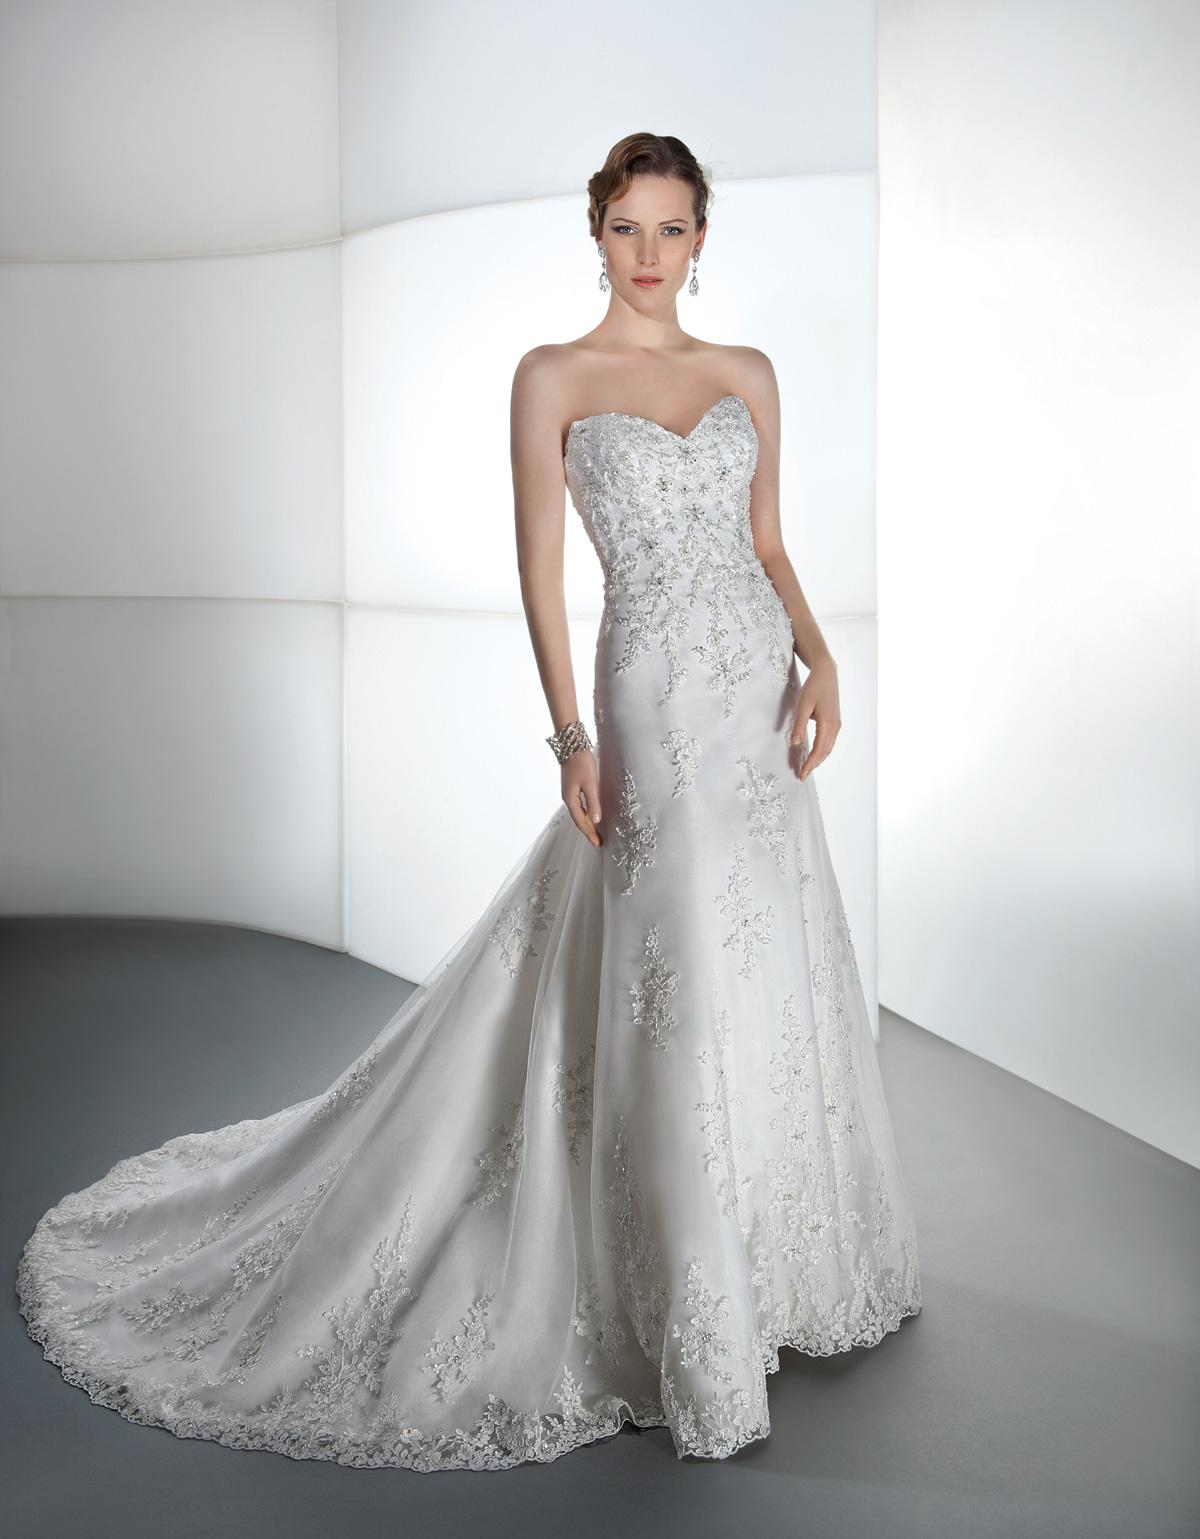 Vestido de Noiva tomara que caia, em renda levemente rebordada em pedrarias, decote princesa e suave cauda.